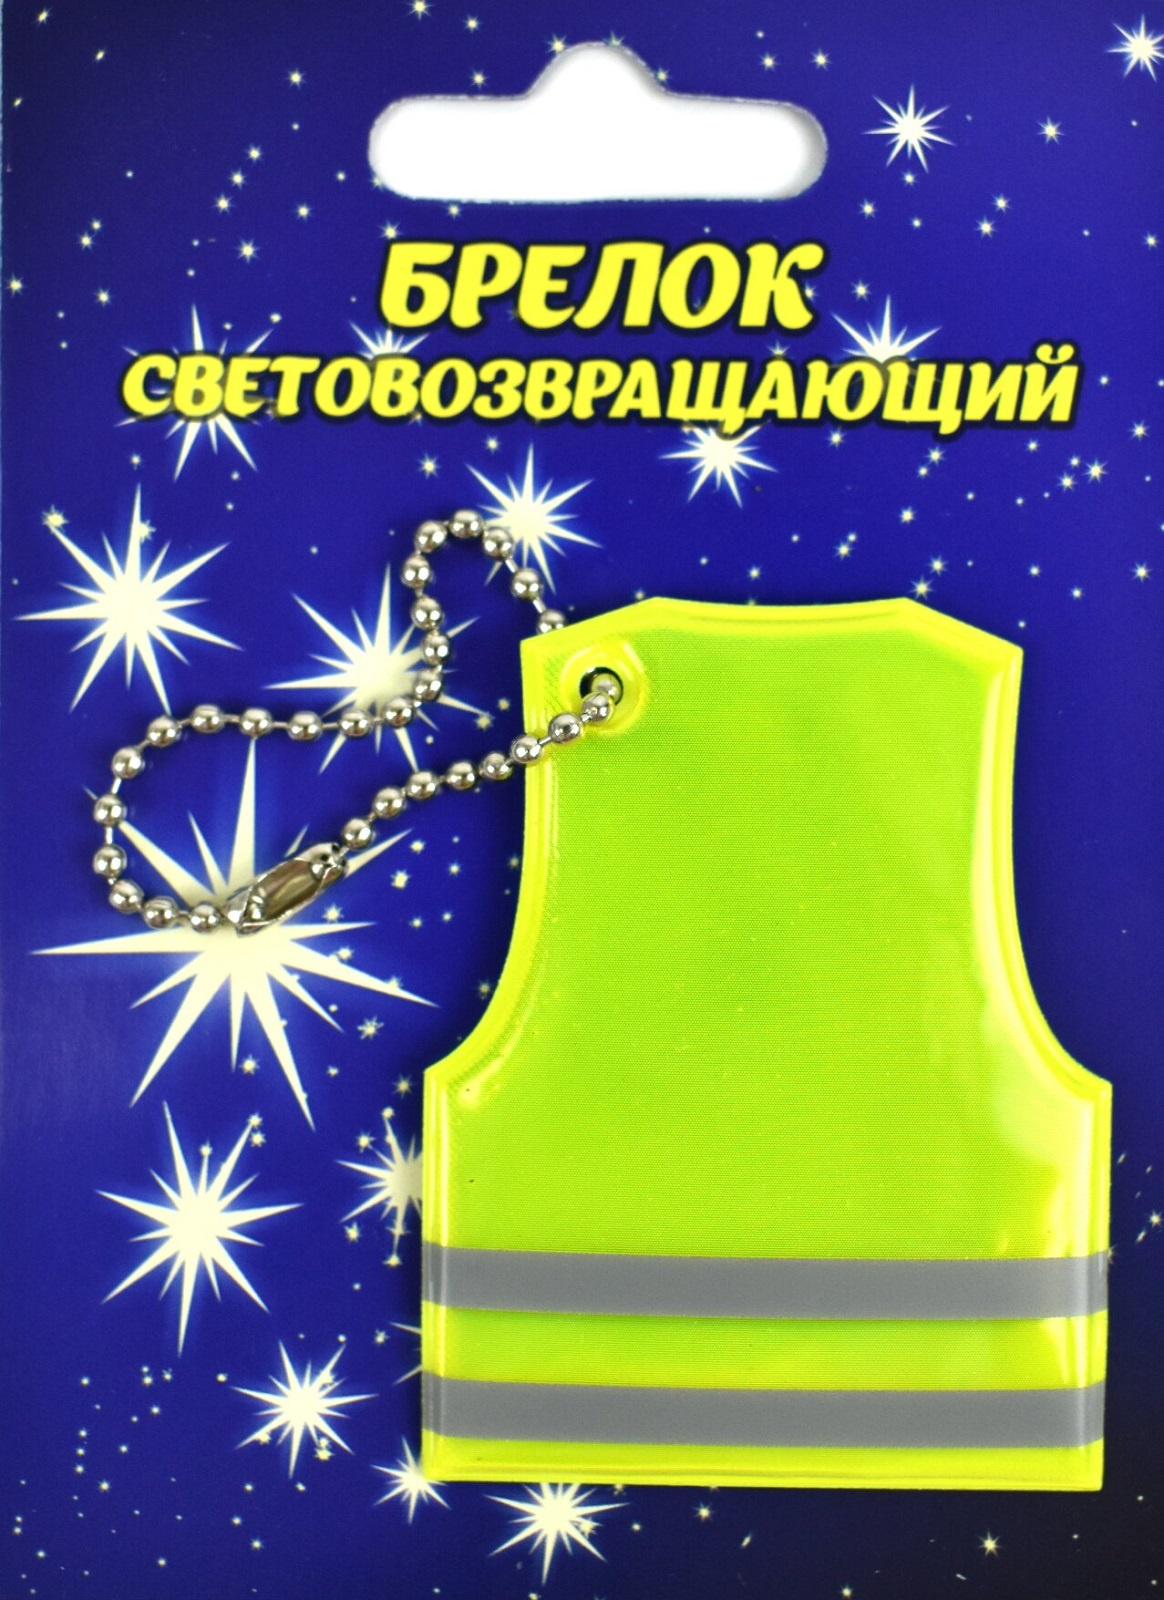 Светоотражатель Светлячок Брелок светоотражающий желтый жилет, желтый жилет светоотражающий светлячок эльфийская принцесса размер l